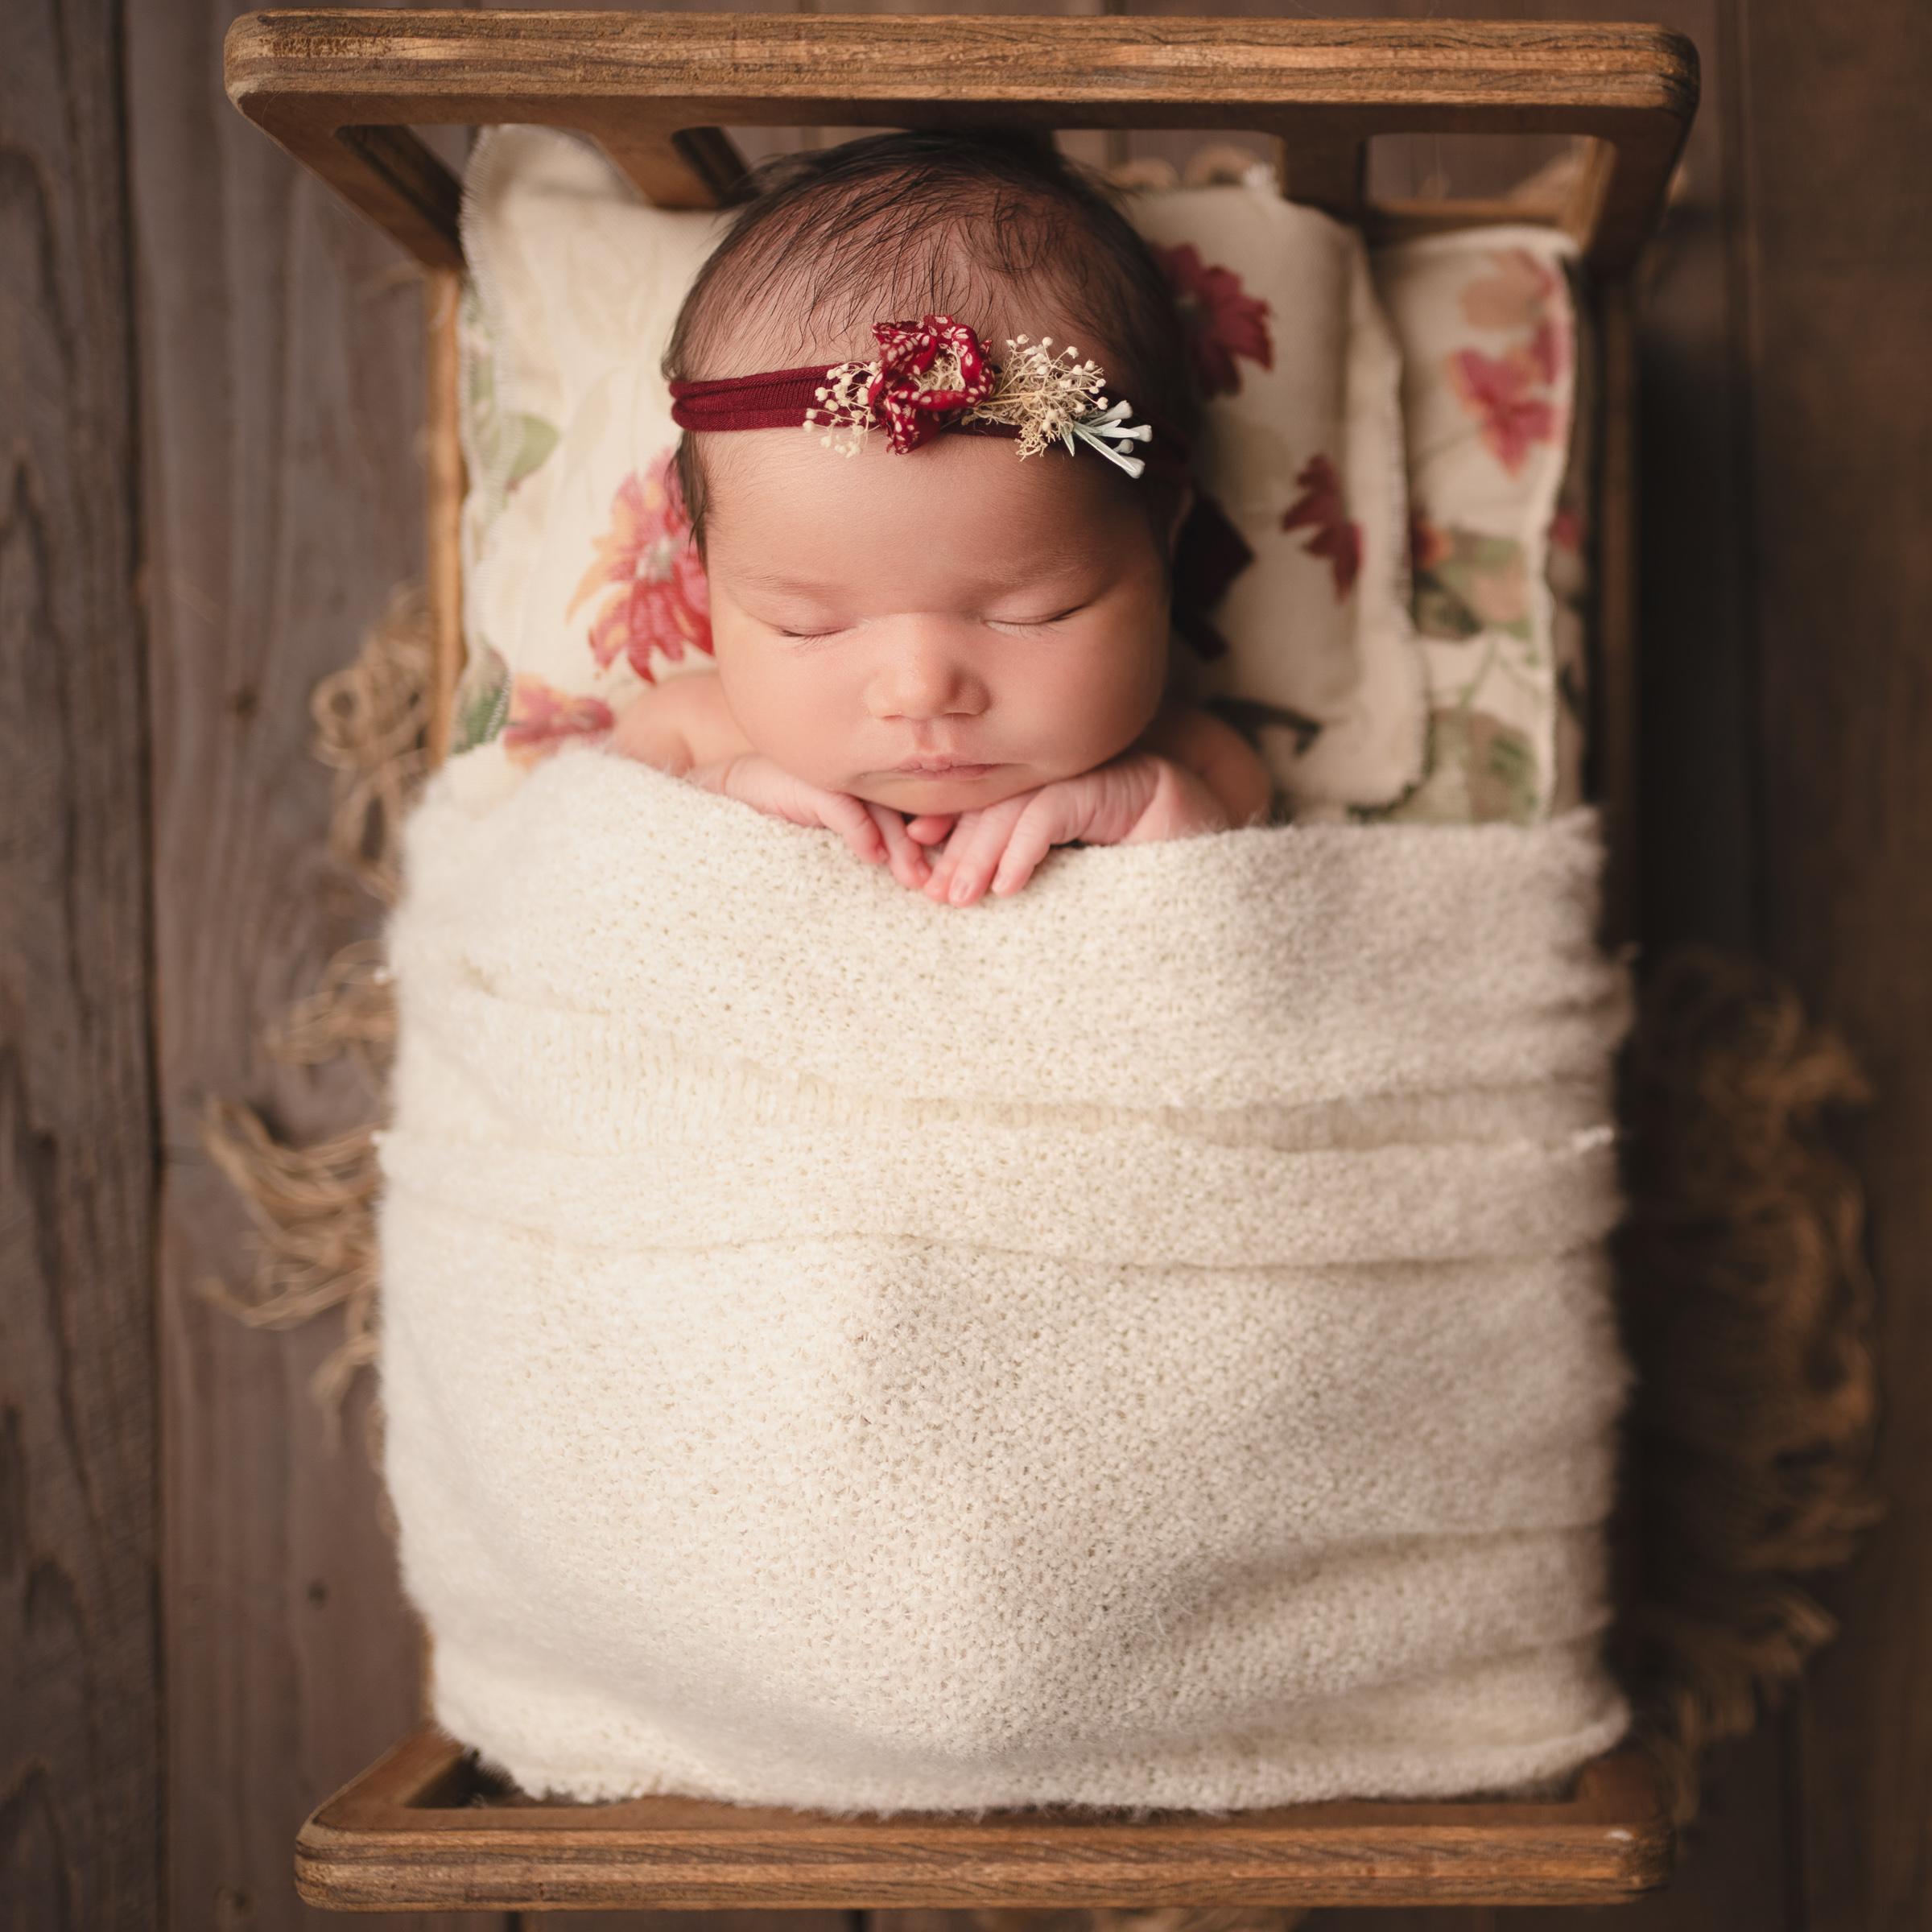 raleigh newborn photographer - baby helena 8